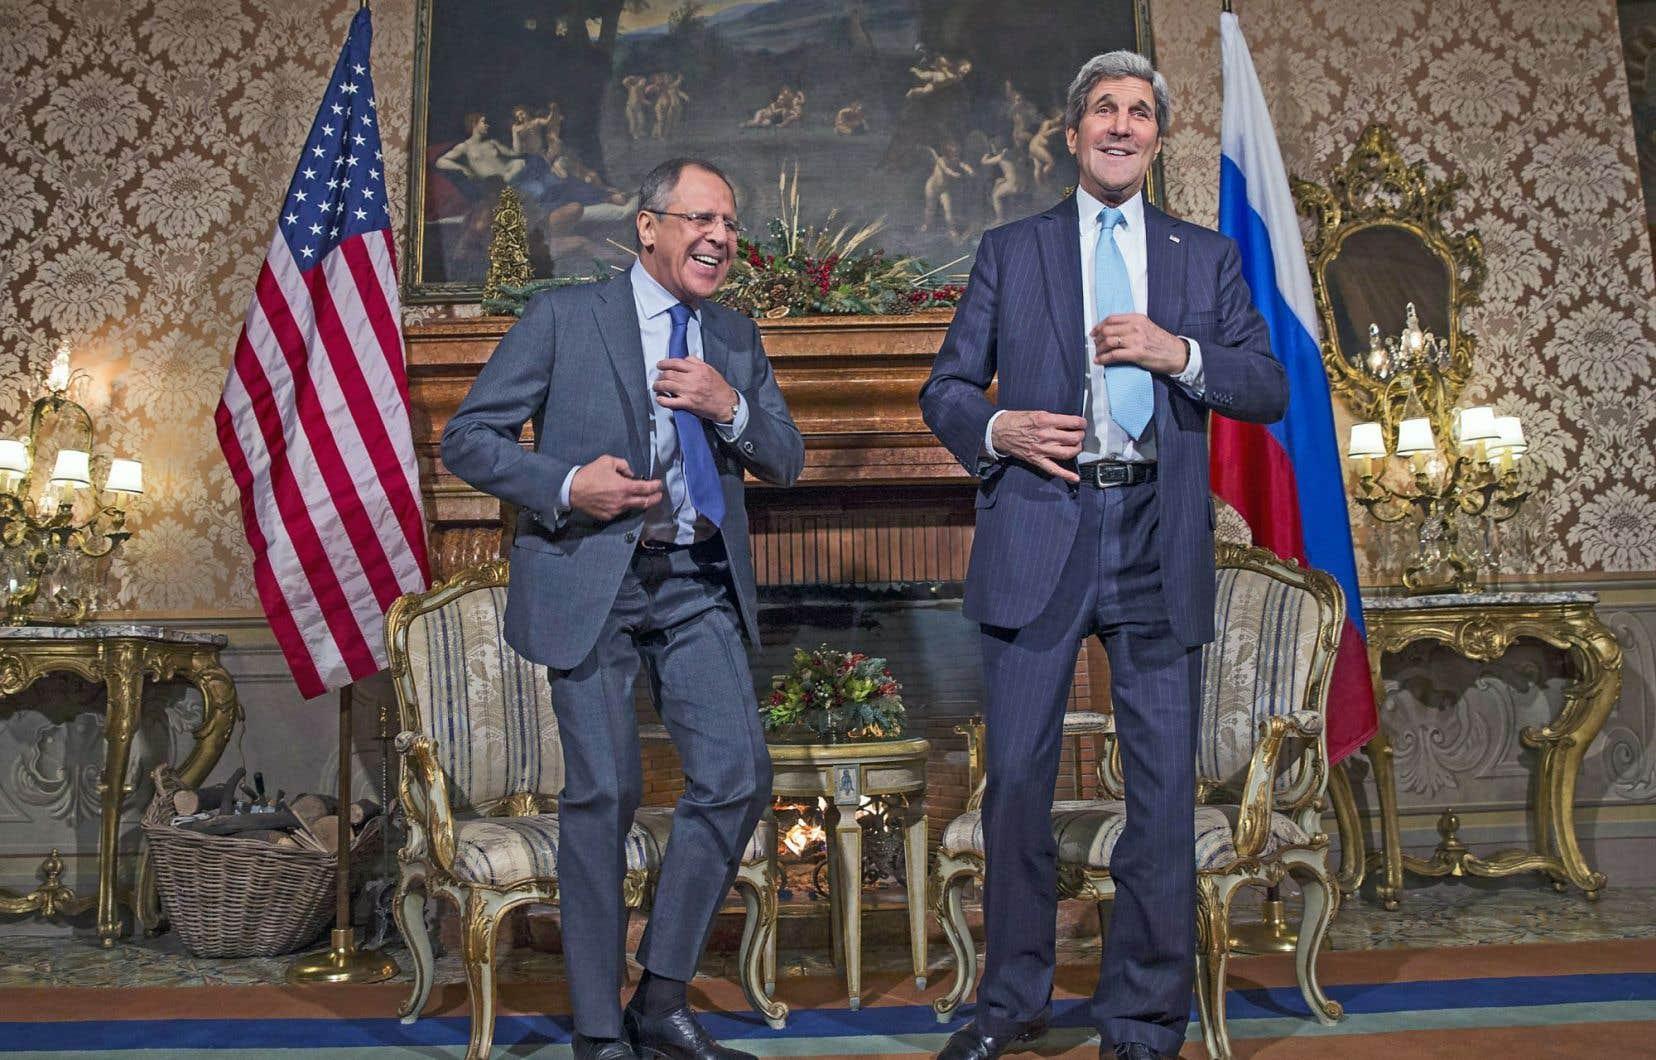 Le ministre des Affaires étrangères russe, Sergeï Lavrov, et le secrétaire d'État américain, John Kerry, lors de leur rencontre à la Villa Taverna, à Rome